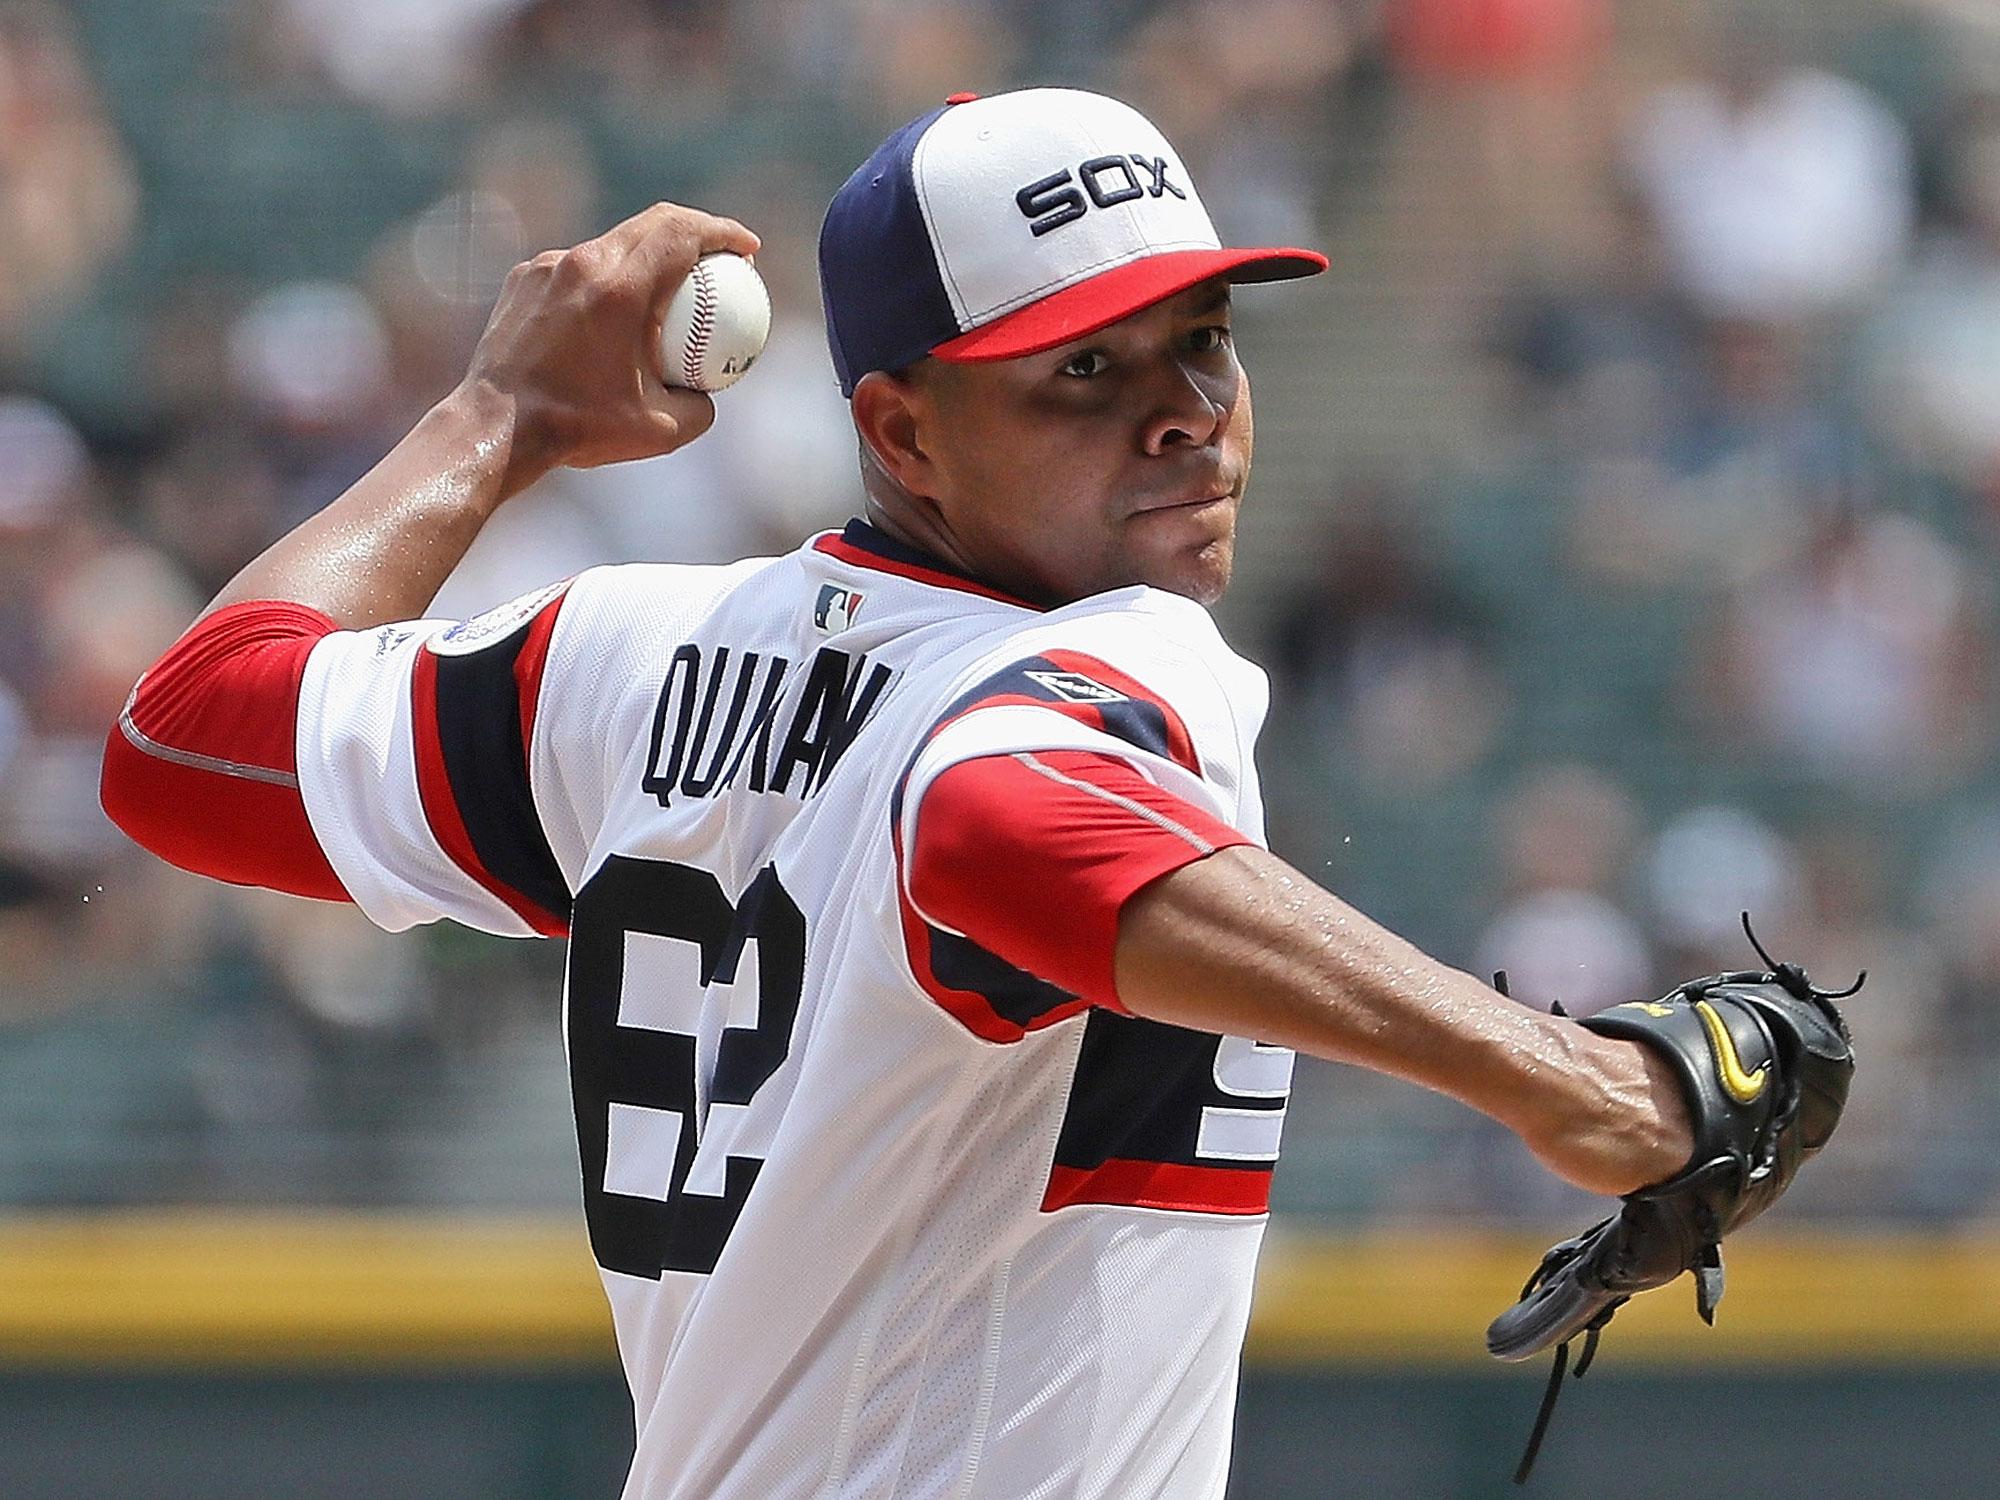 Jose Quintana, Chicago White Sox